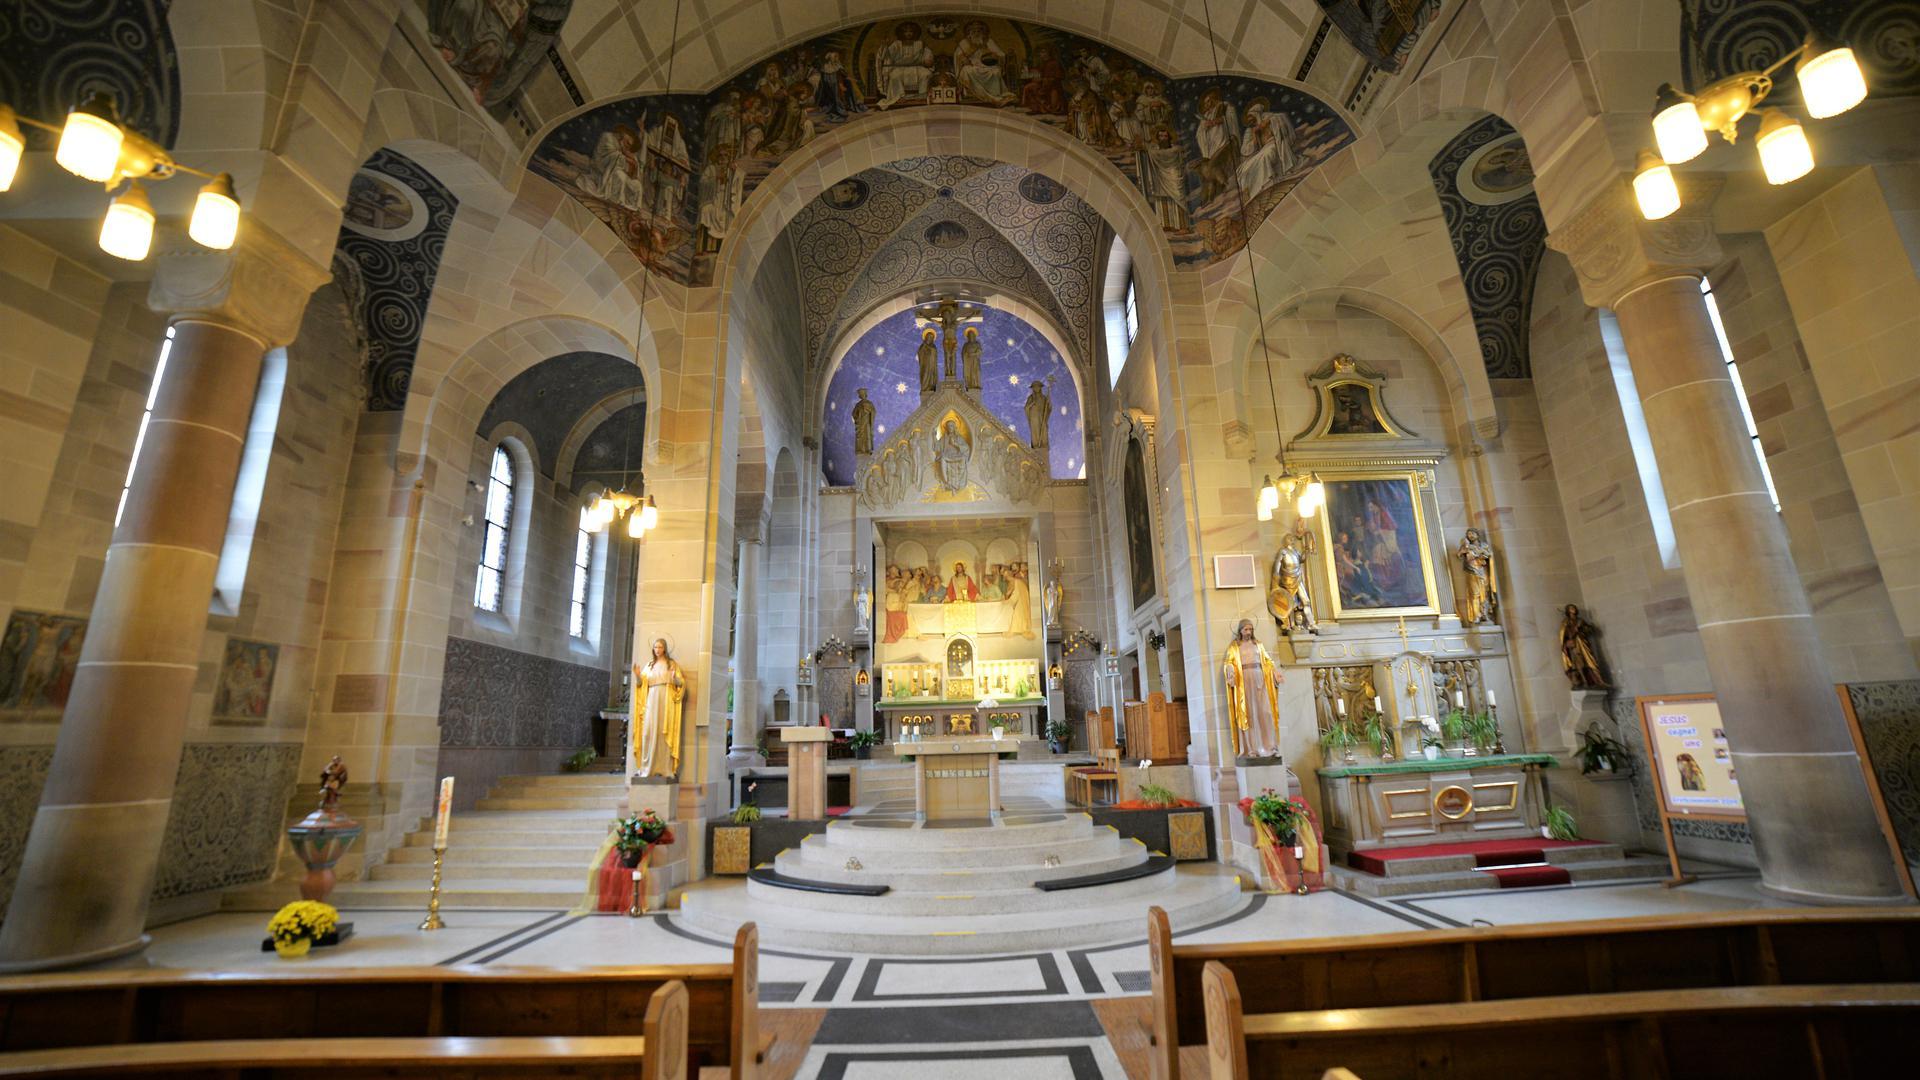 Die Ausstattung und Ausmalung aus der Erbauungszeit im frühen 20. Jahrhundert in der Neusatzer Kirche ist komplett erhalten.